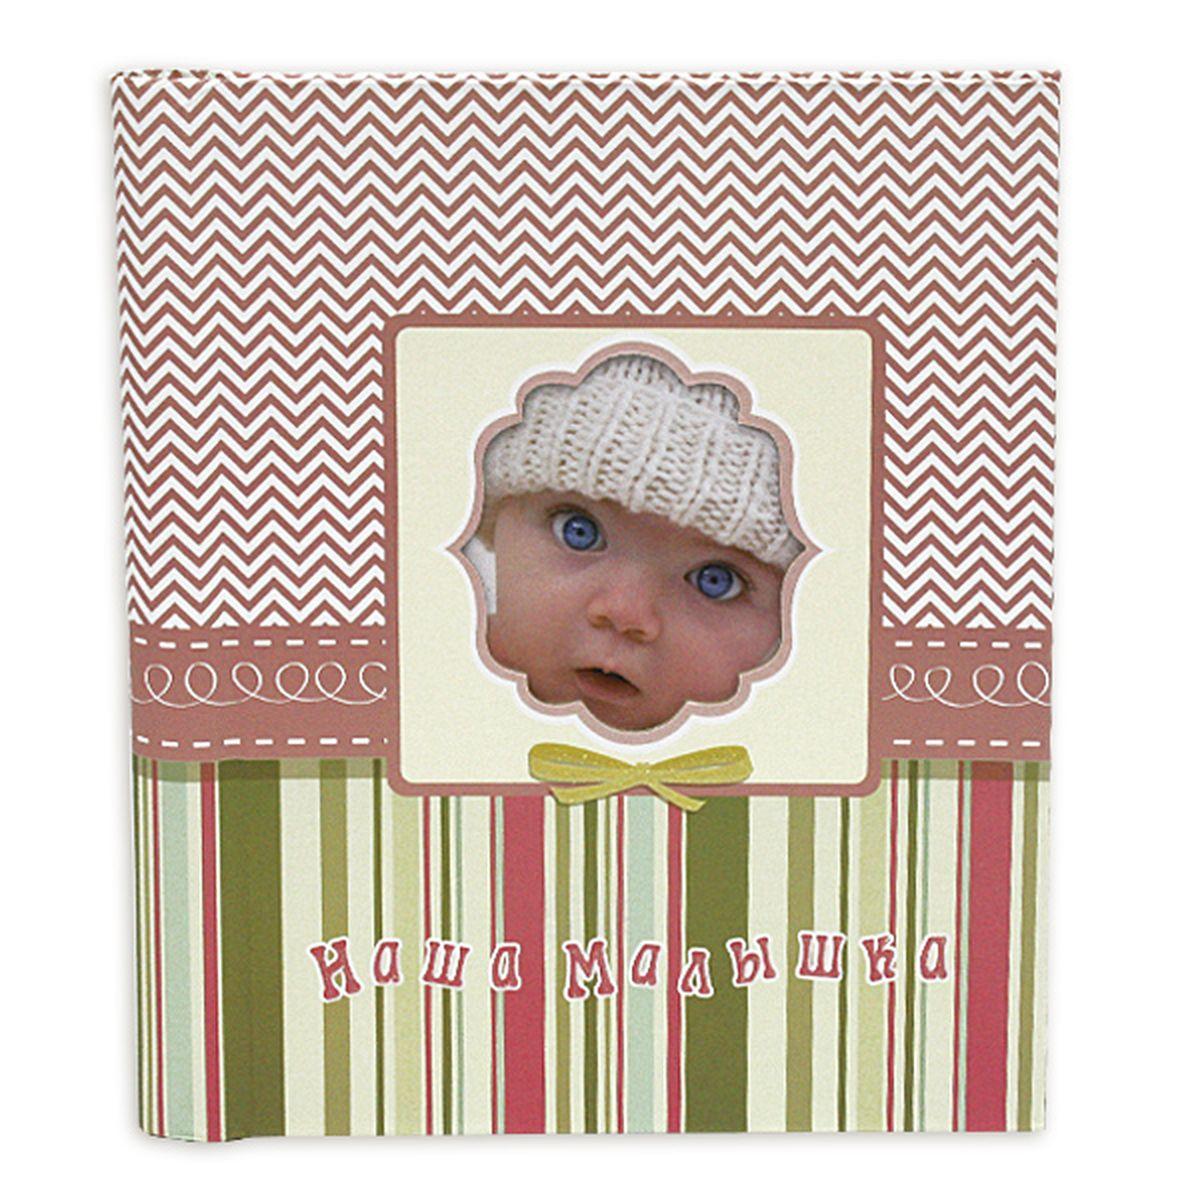 Фотокнига Pioneer Our Baby 8, 20 магнитных листов, 23 x 28 см. 46422 FAБрелок для ключейФотокнига Pioneer Our Baby 8 позволит вам запечатлеть моменты жизни вашего ребенка. Изделие выполнено из картона и плотной бумаги, может быть использована для создания памятного альбома в технике скрапбукинг. В книге находится 20 страниц-анкет для заполнения и рамка для фото. Всего внутри может быть расположено 20 фото. Тип скрепления: спиральФормат фотографий: 23 х 28 смМатериал страниц: бумагаТип страниц: магнитный